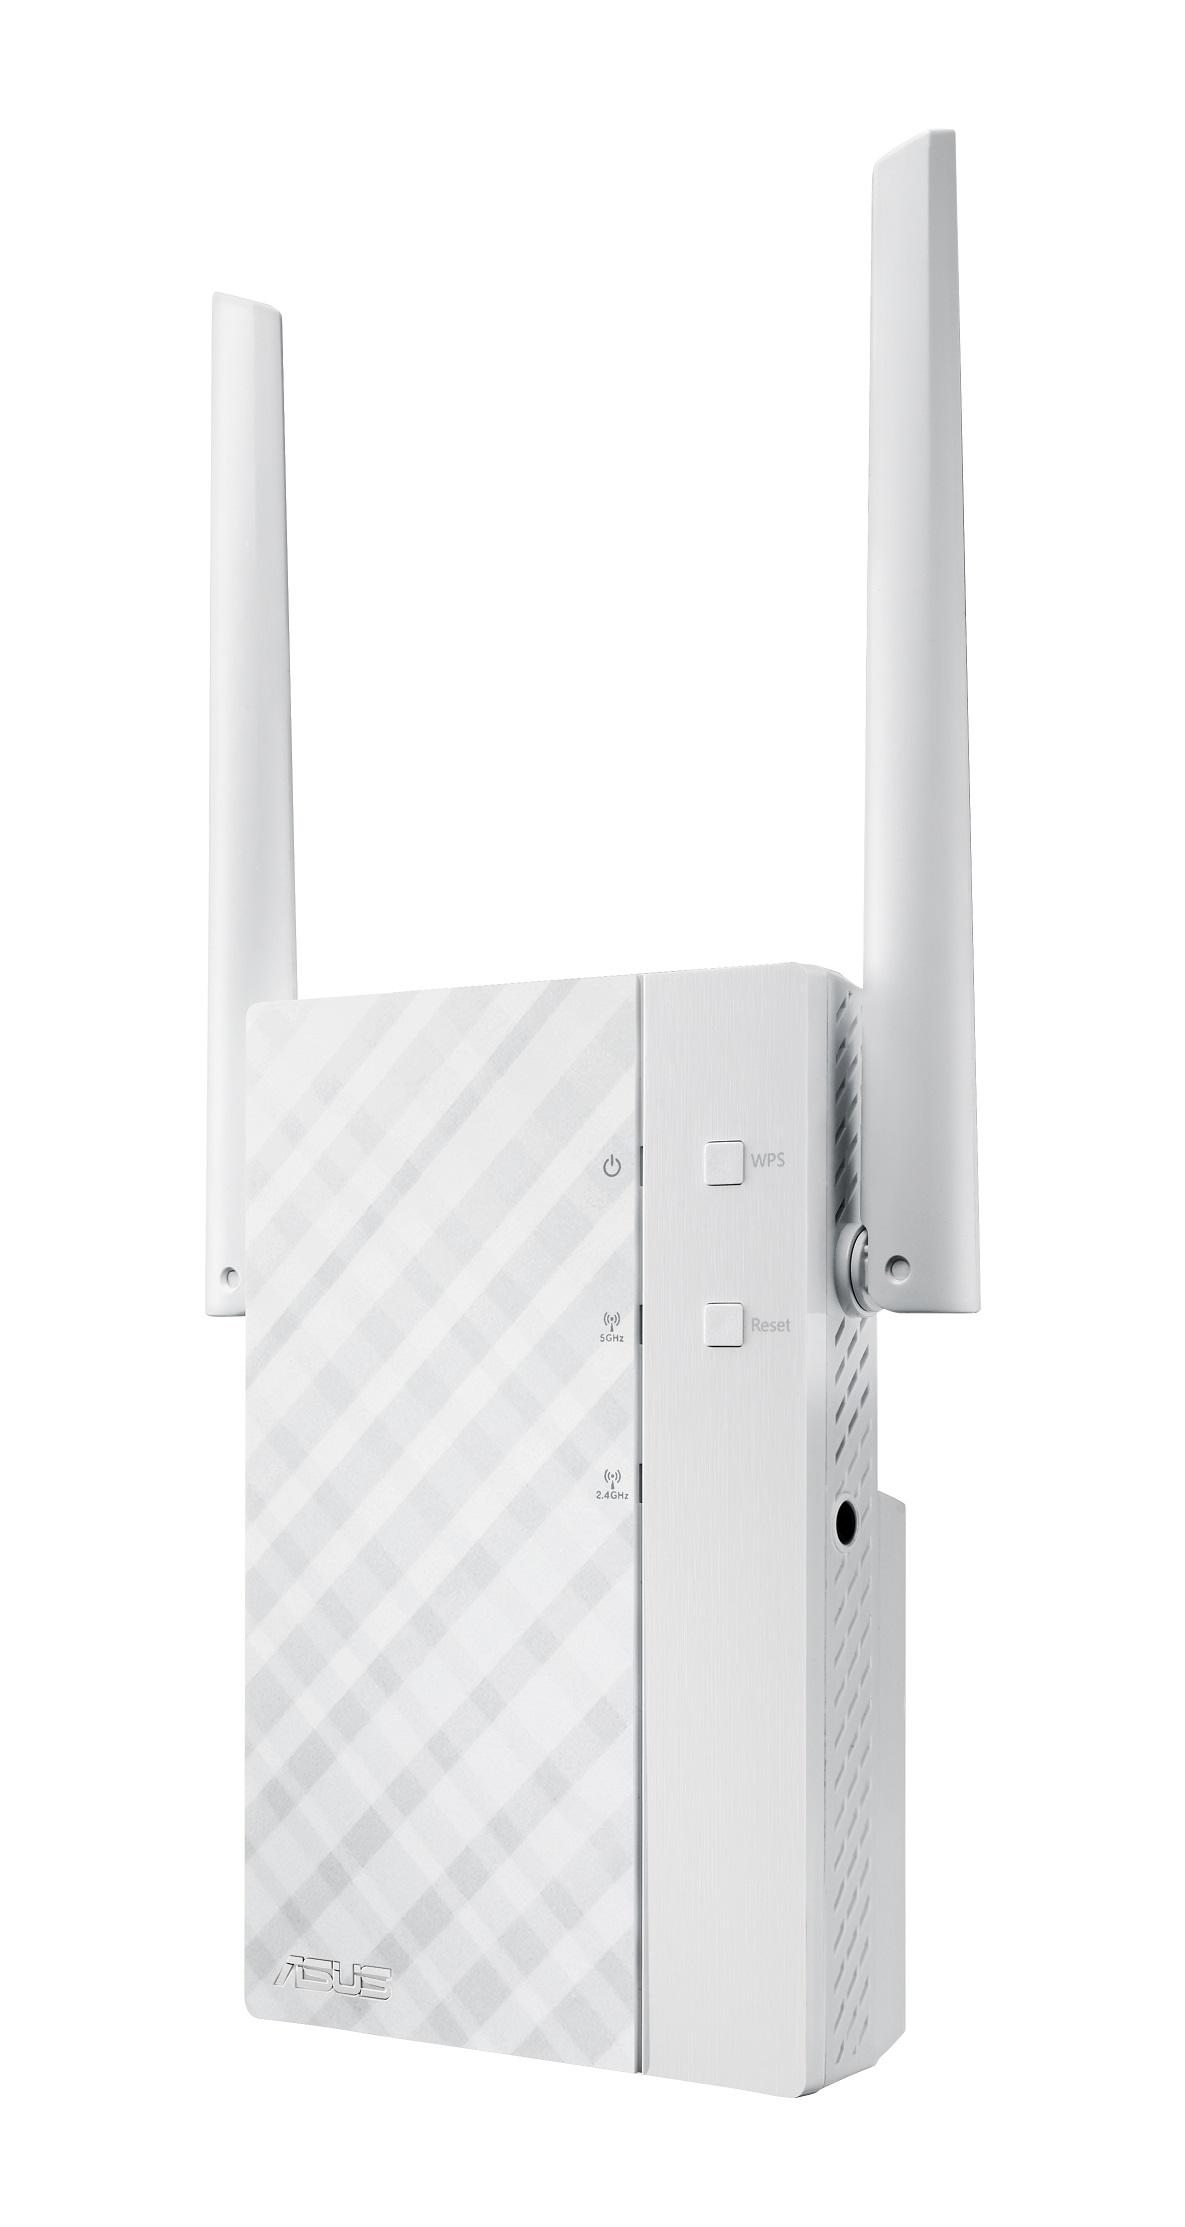 Natychmiast zwiększa zakres Wi-Fi